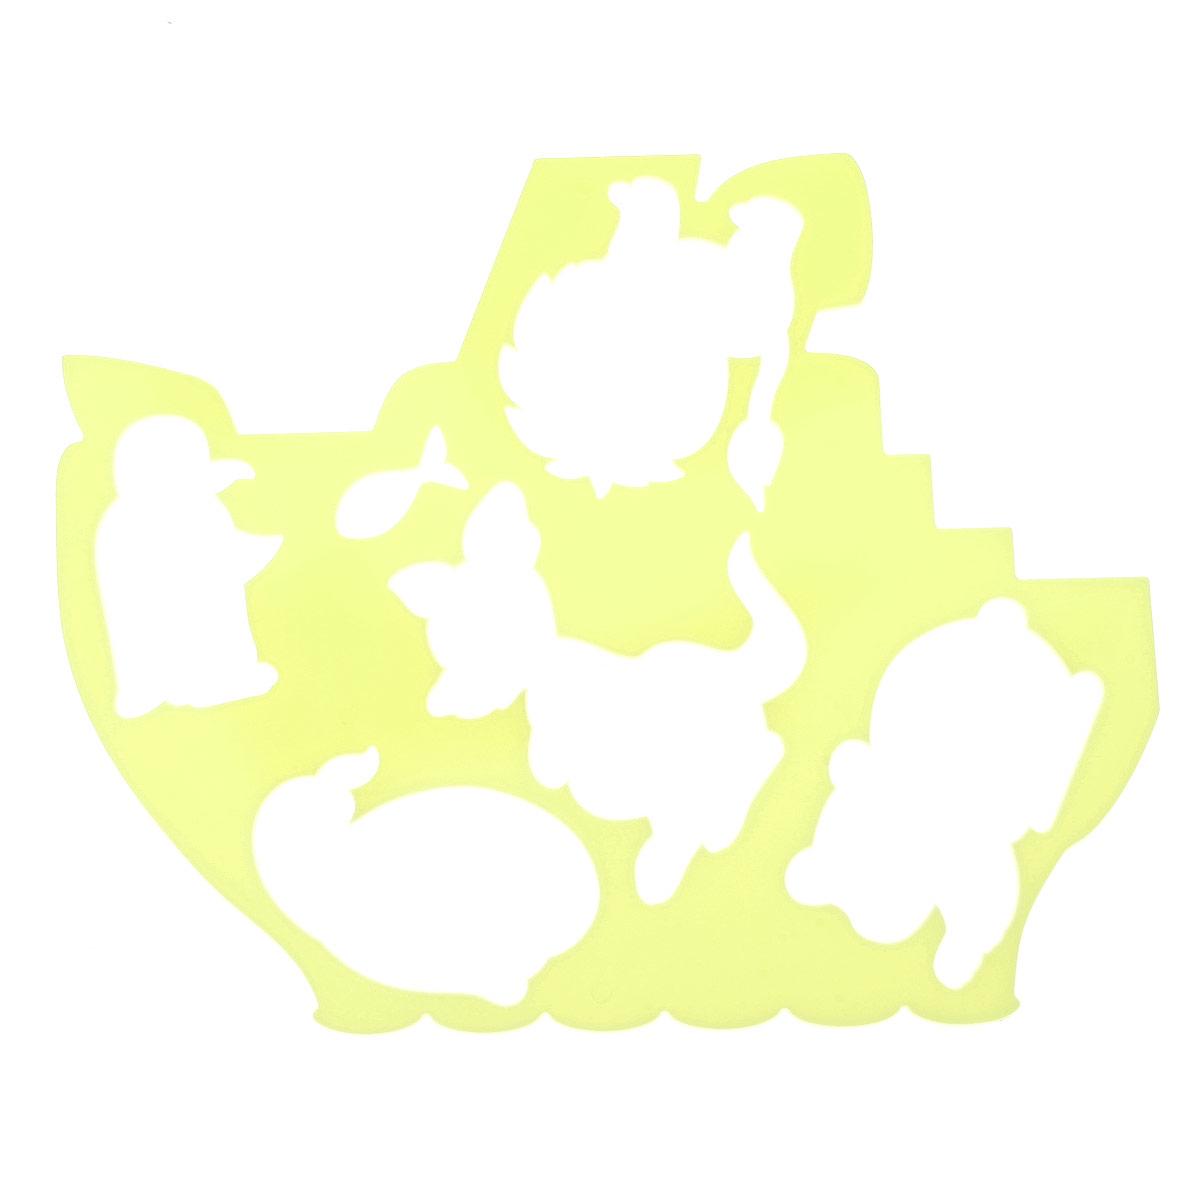 Луч Трафарет фигурный Кораблик и друзья цвет желтый18С 1209-08Трафарет фигурный Луч Кораблик и друзья, выполненный из безопасного пластика, предназначен для детского творчества. При помощи этого трафарета ребенок может нарисовать кораблик, который плавает по морям и океанам. На фигурном трафарете размещены контуры медвежонка, пингвина, кенгуру, львенка, кита и маленькой рыбки. Трафарет можно использовать для рисования отдельных животных и композиций из них, а также для изготовления аппликаций. Трафареты предназначены для развития у детей мелкой моторики и зрительно-двигательной координации, навыков художественной композиции и зрительного восприятия.